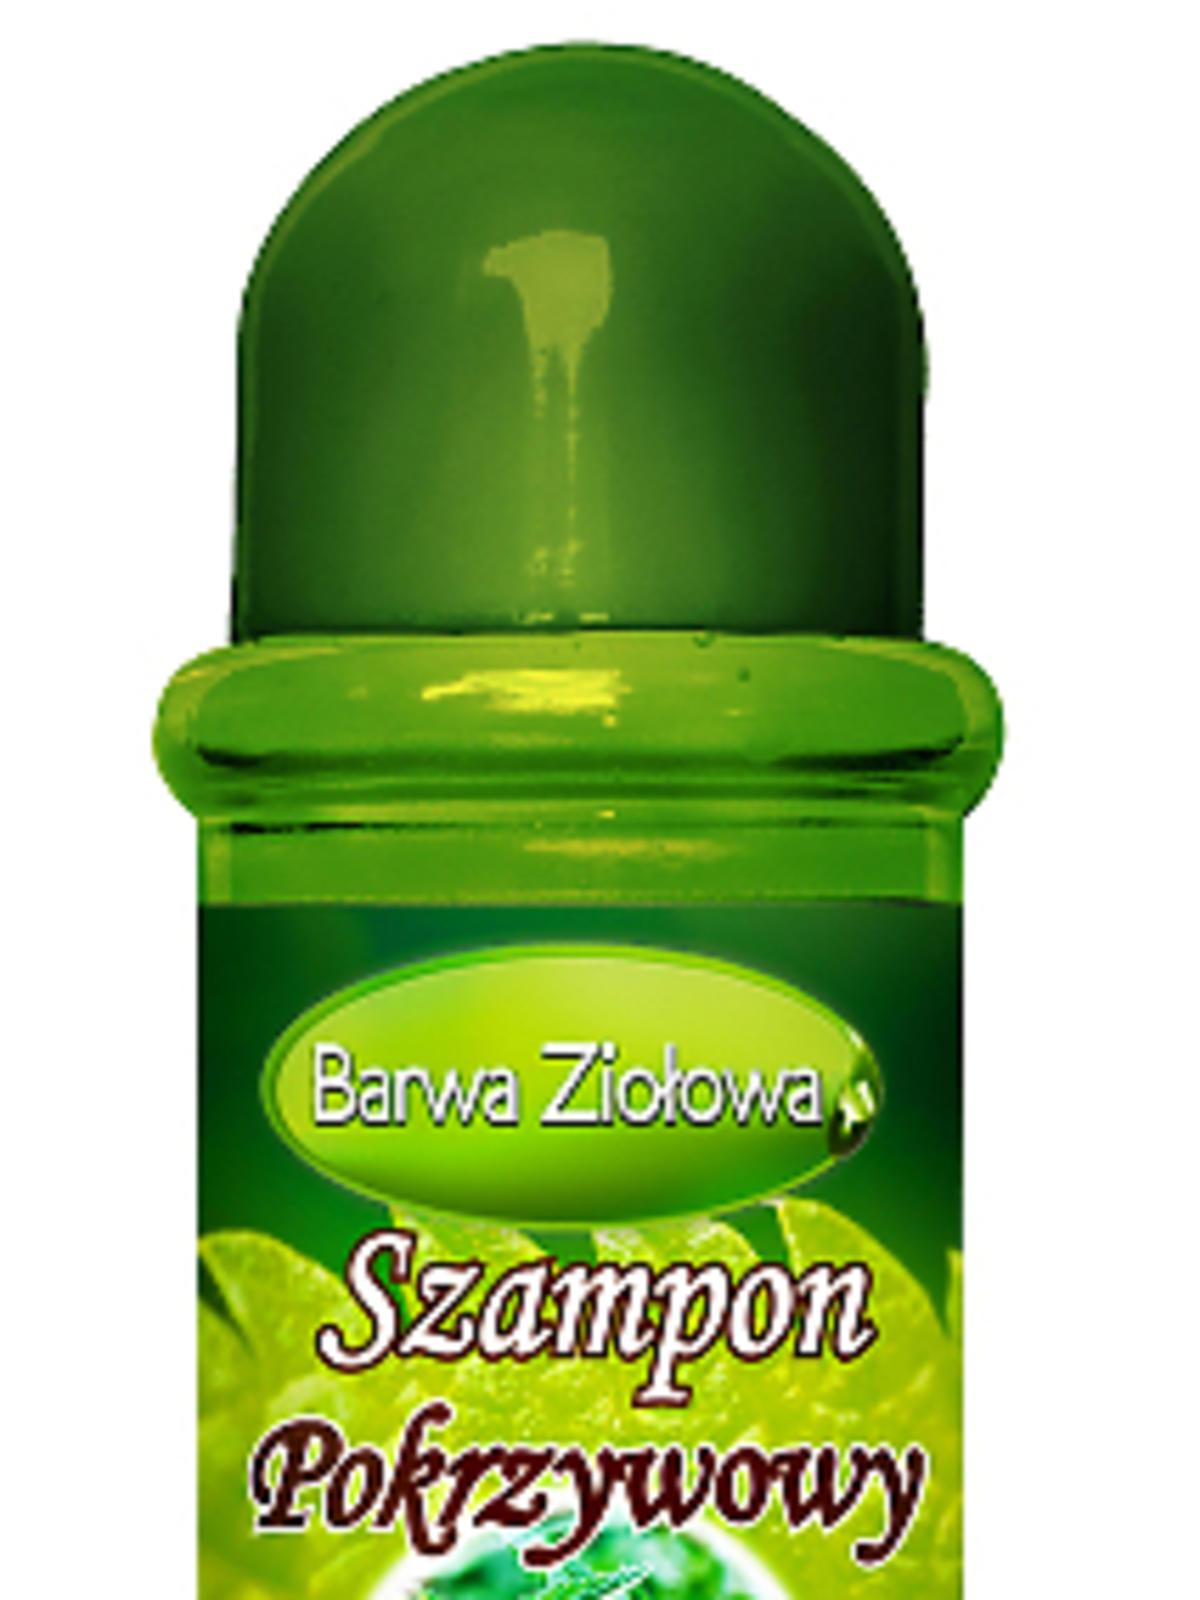 Pokrzywowy szampon Barwa Ziołowa, 3,50 zł